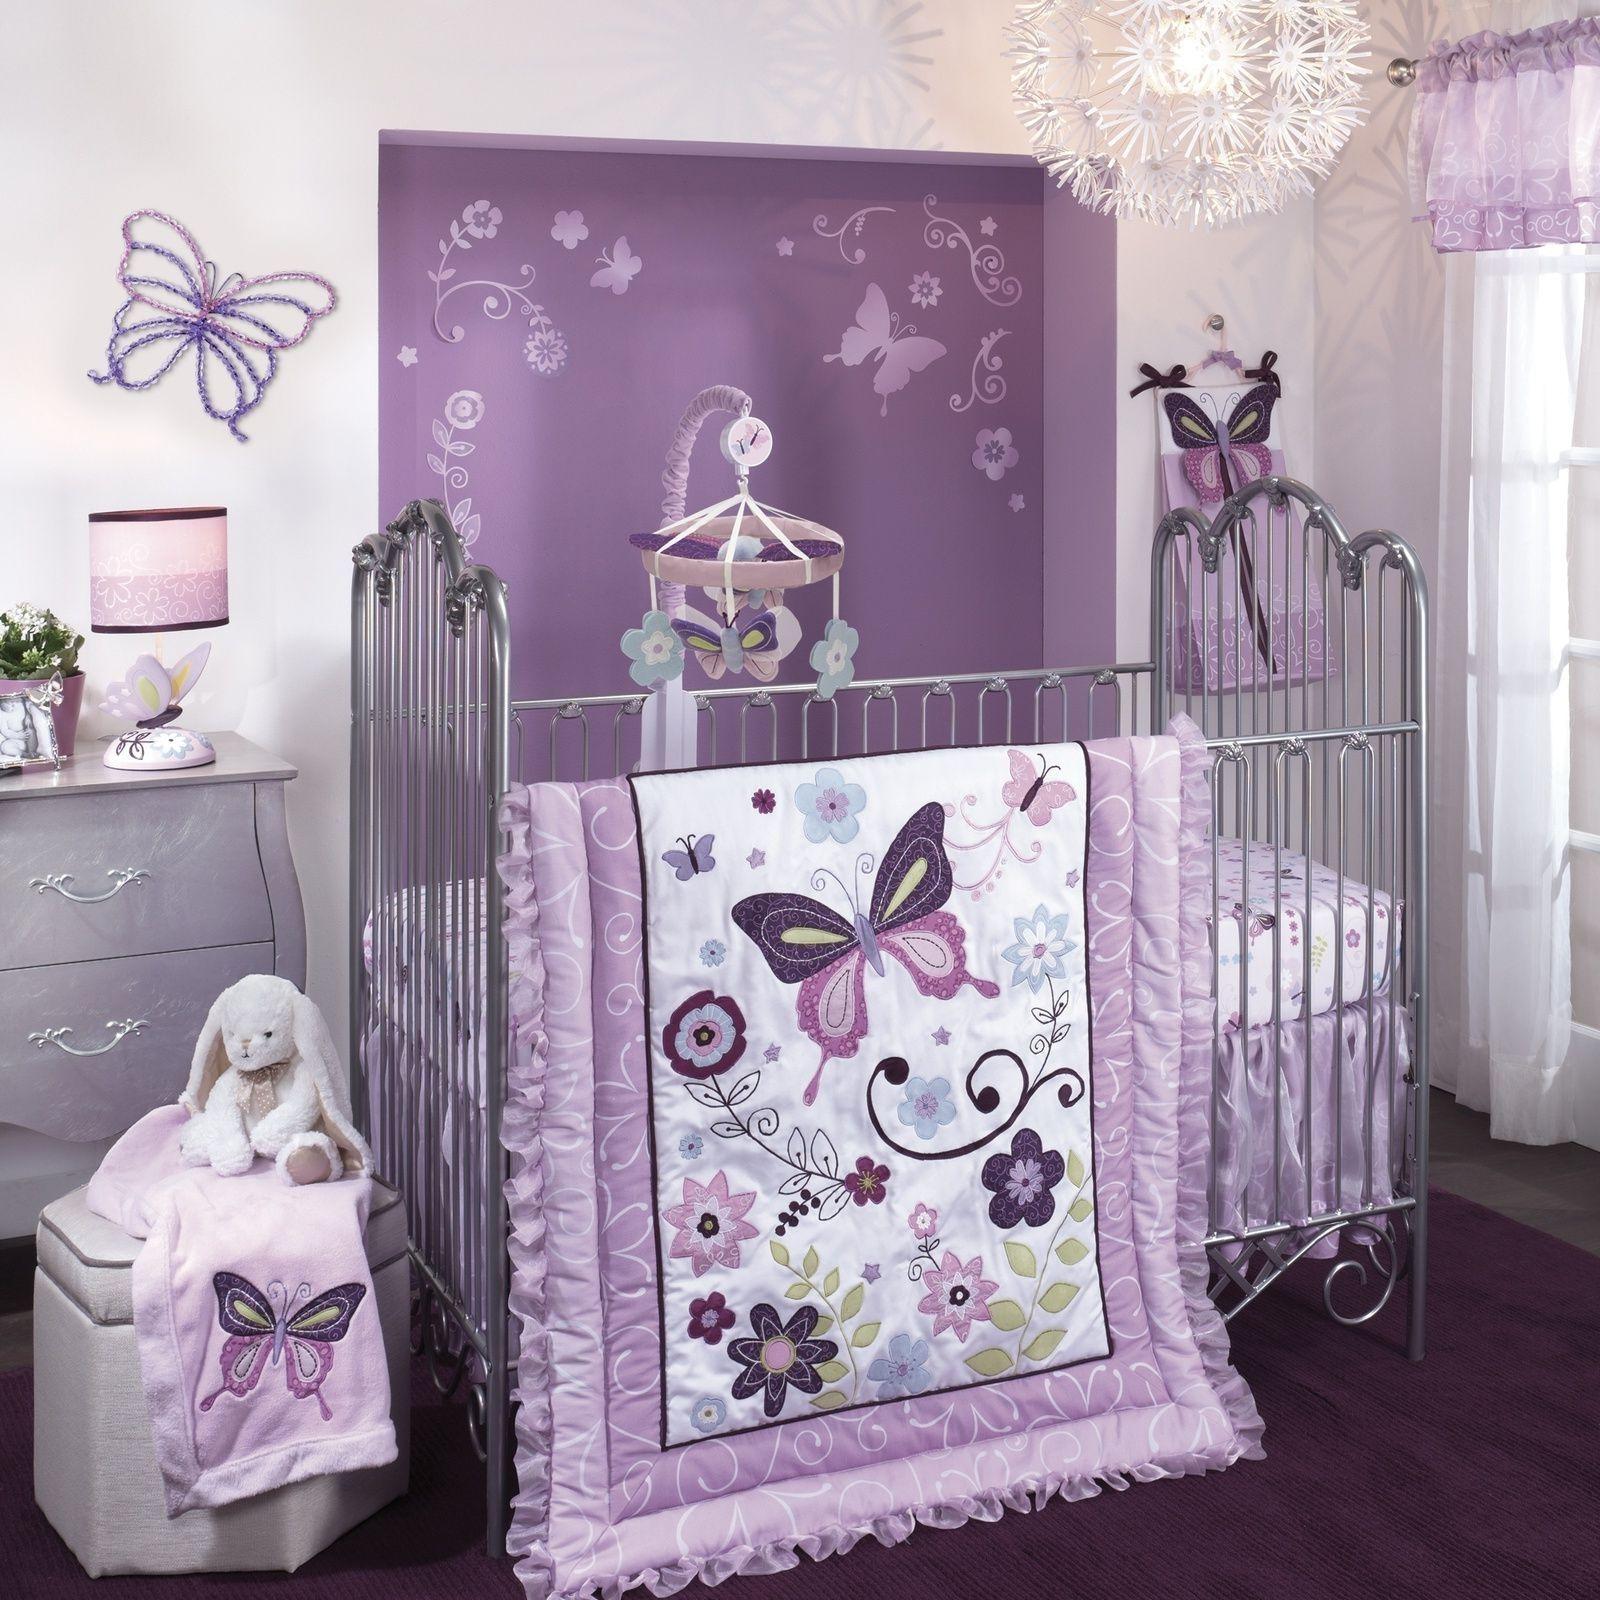 Baby Bett Quilt Weiße Baby Bettwäsche Set Baby Kinderbett